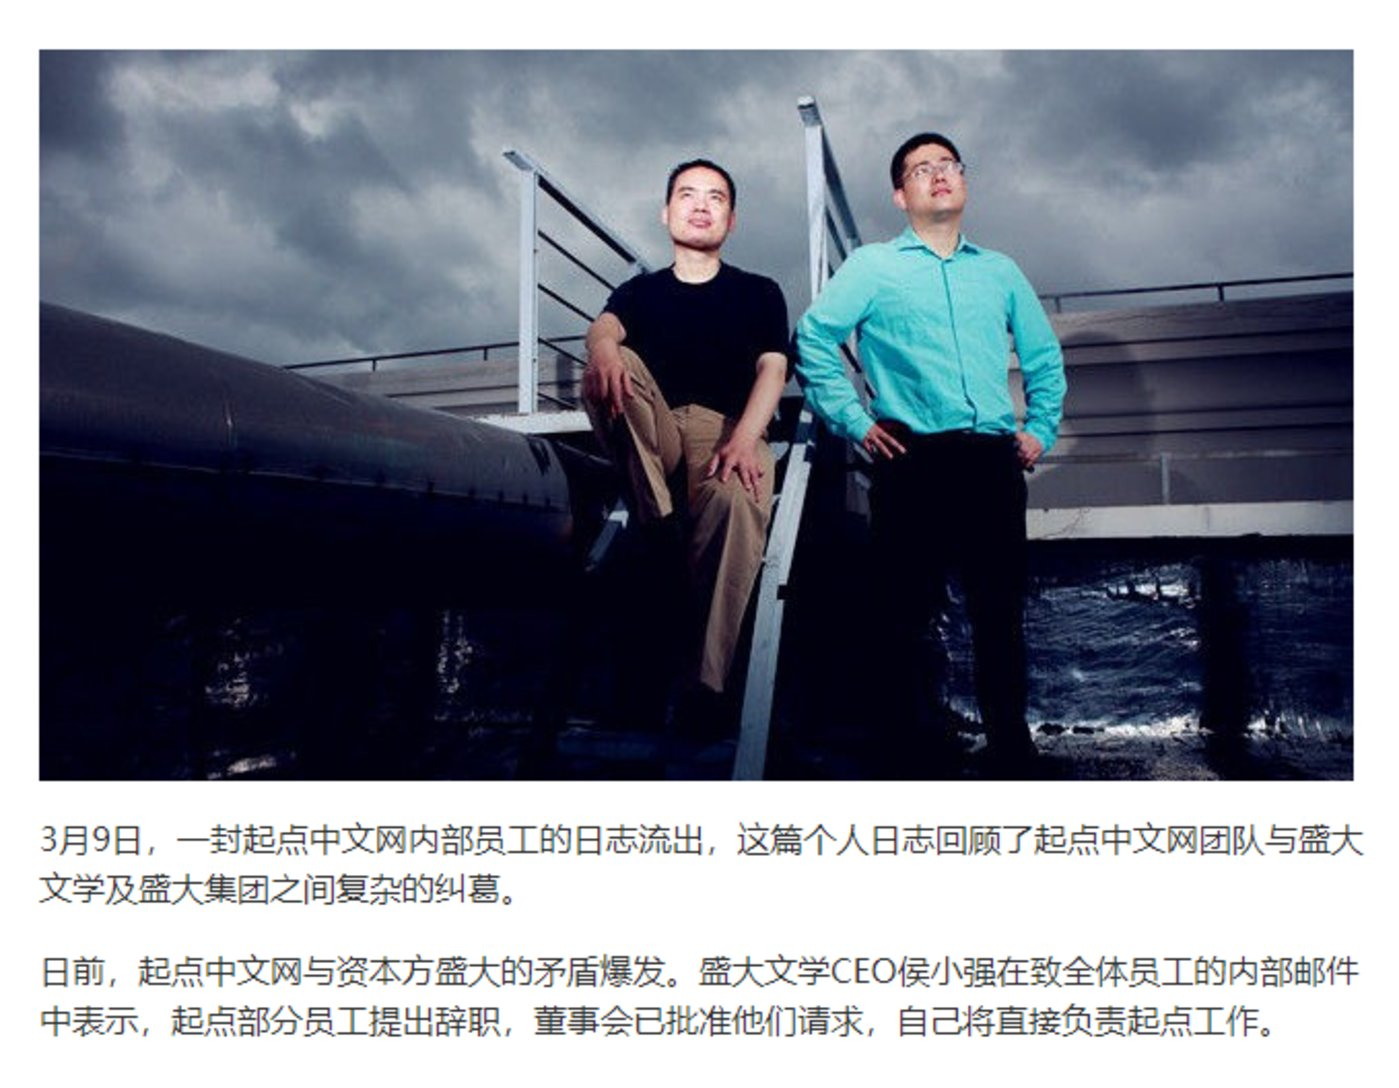 (图源:搜狐新闻)